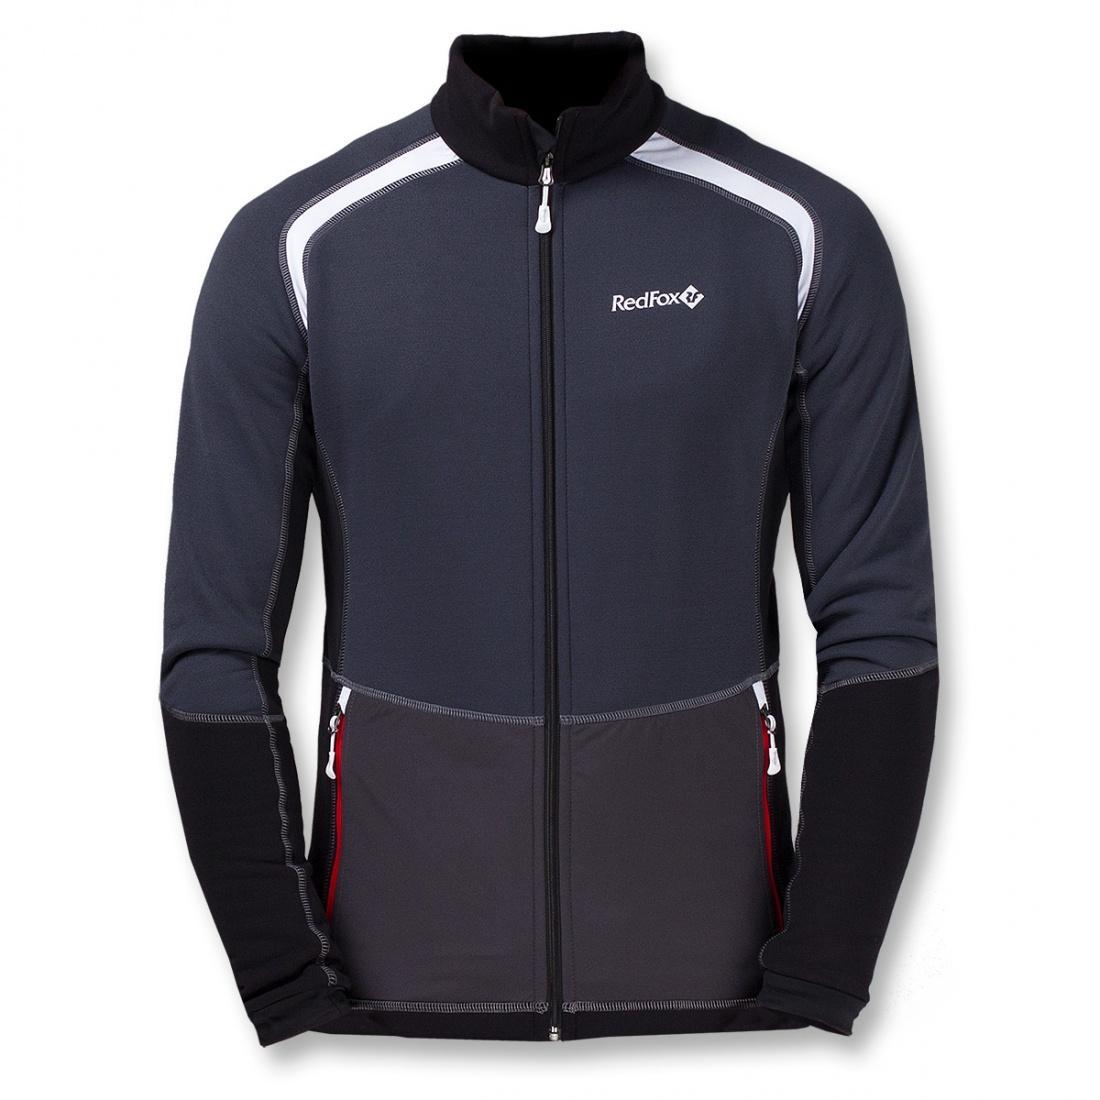 Куртка St.Line МужскаяКуртки<br><br><br>Цвет: Темно-серый<br>Размер: 50